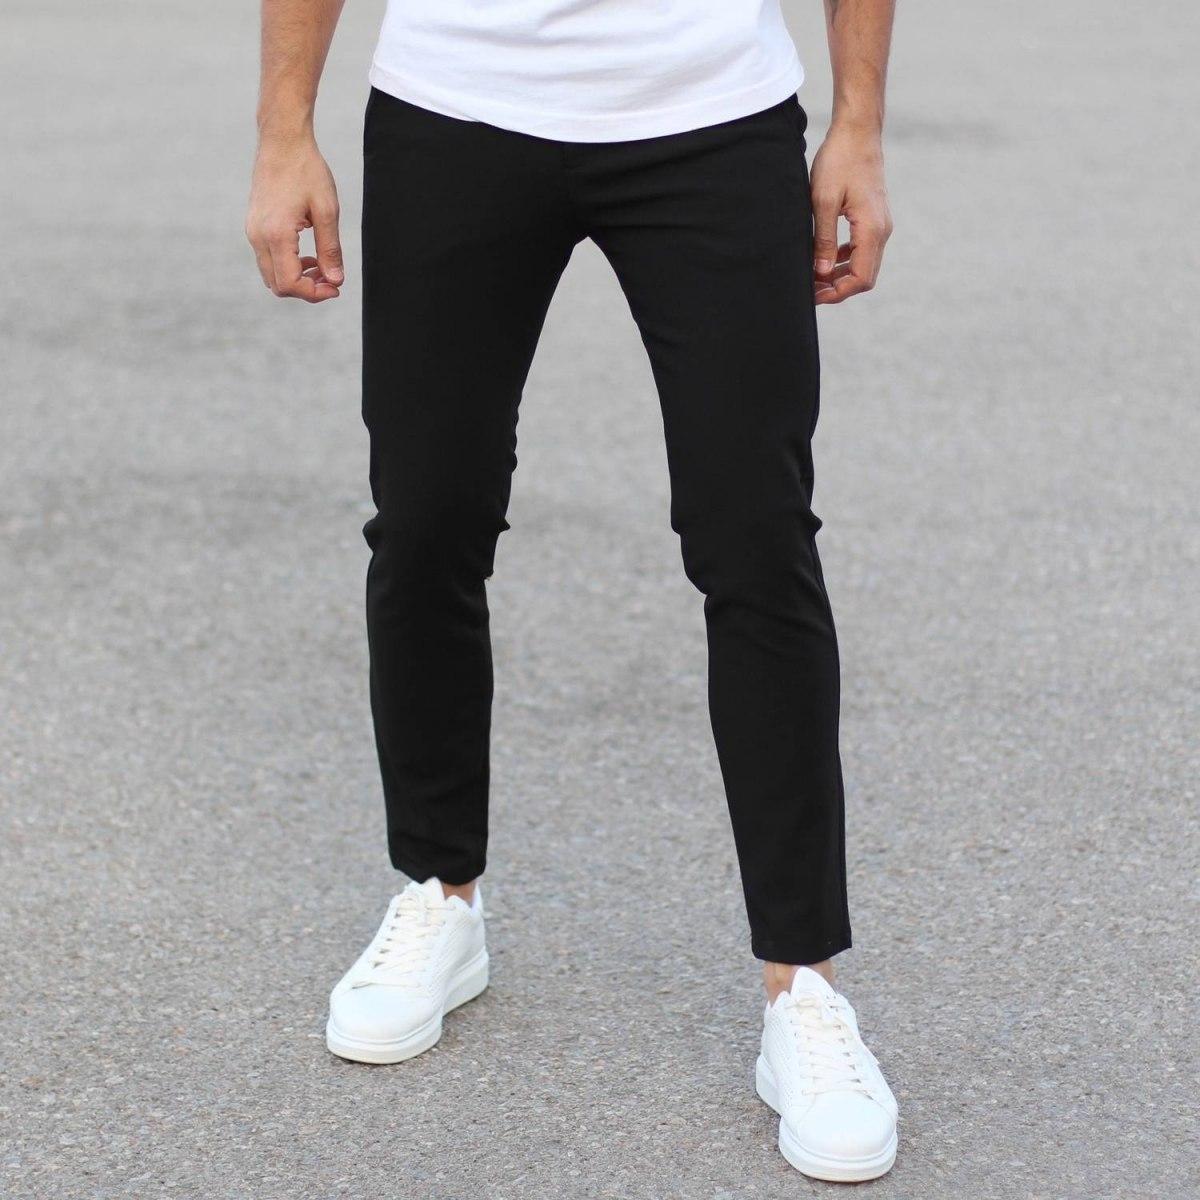 Slim Smart-Wear Pants in Black Mv Premium Brand - 3